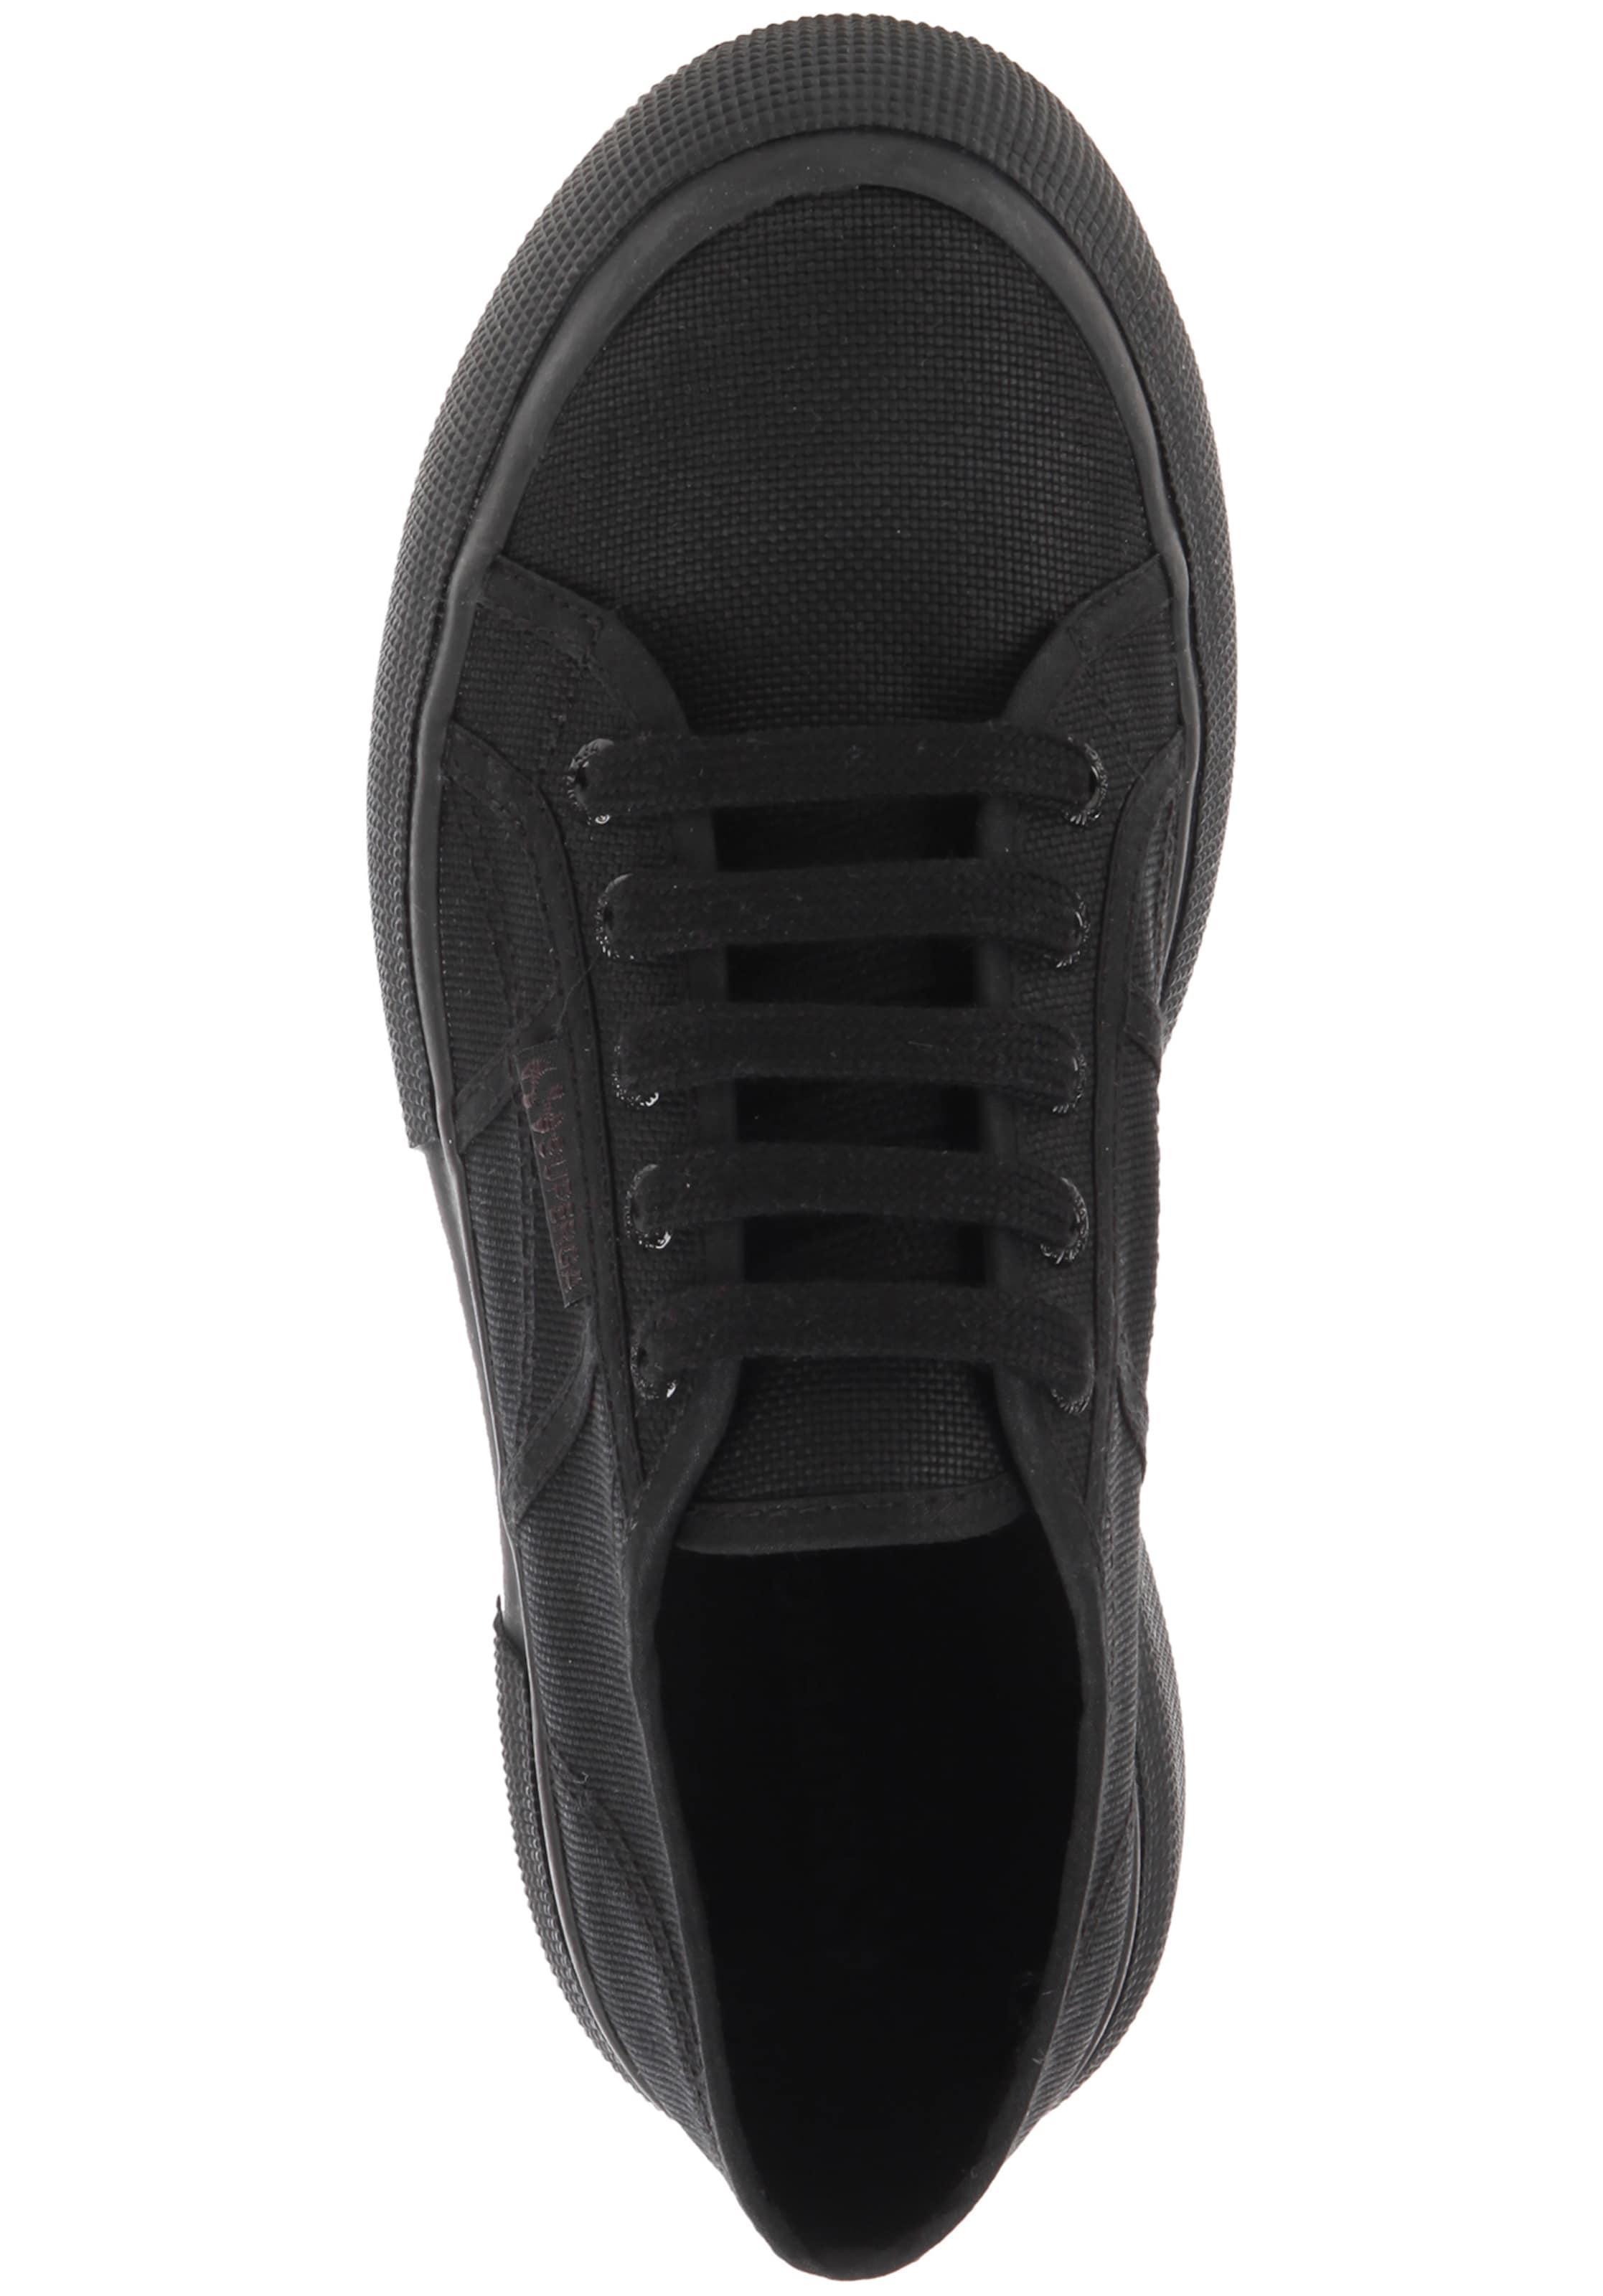 Superga Sneaker Schwarz Sneaker In 'cotu' Superga 'cotu' 80wNmn